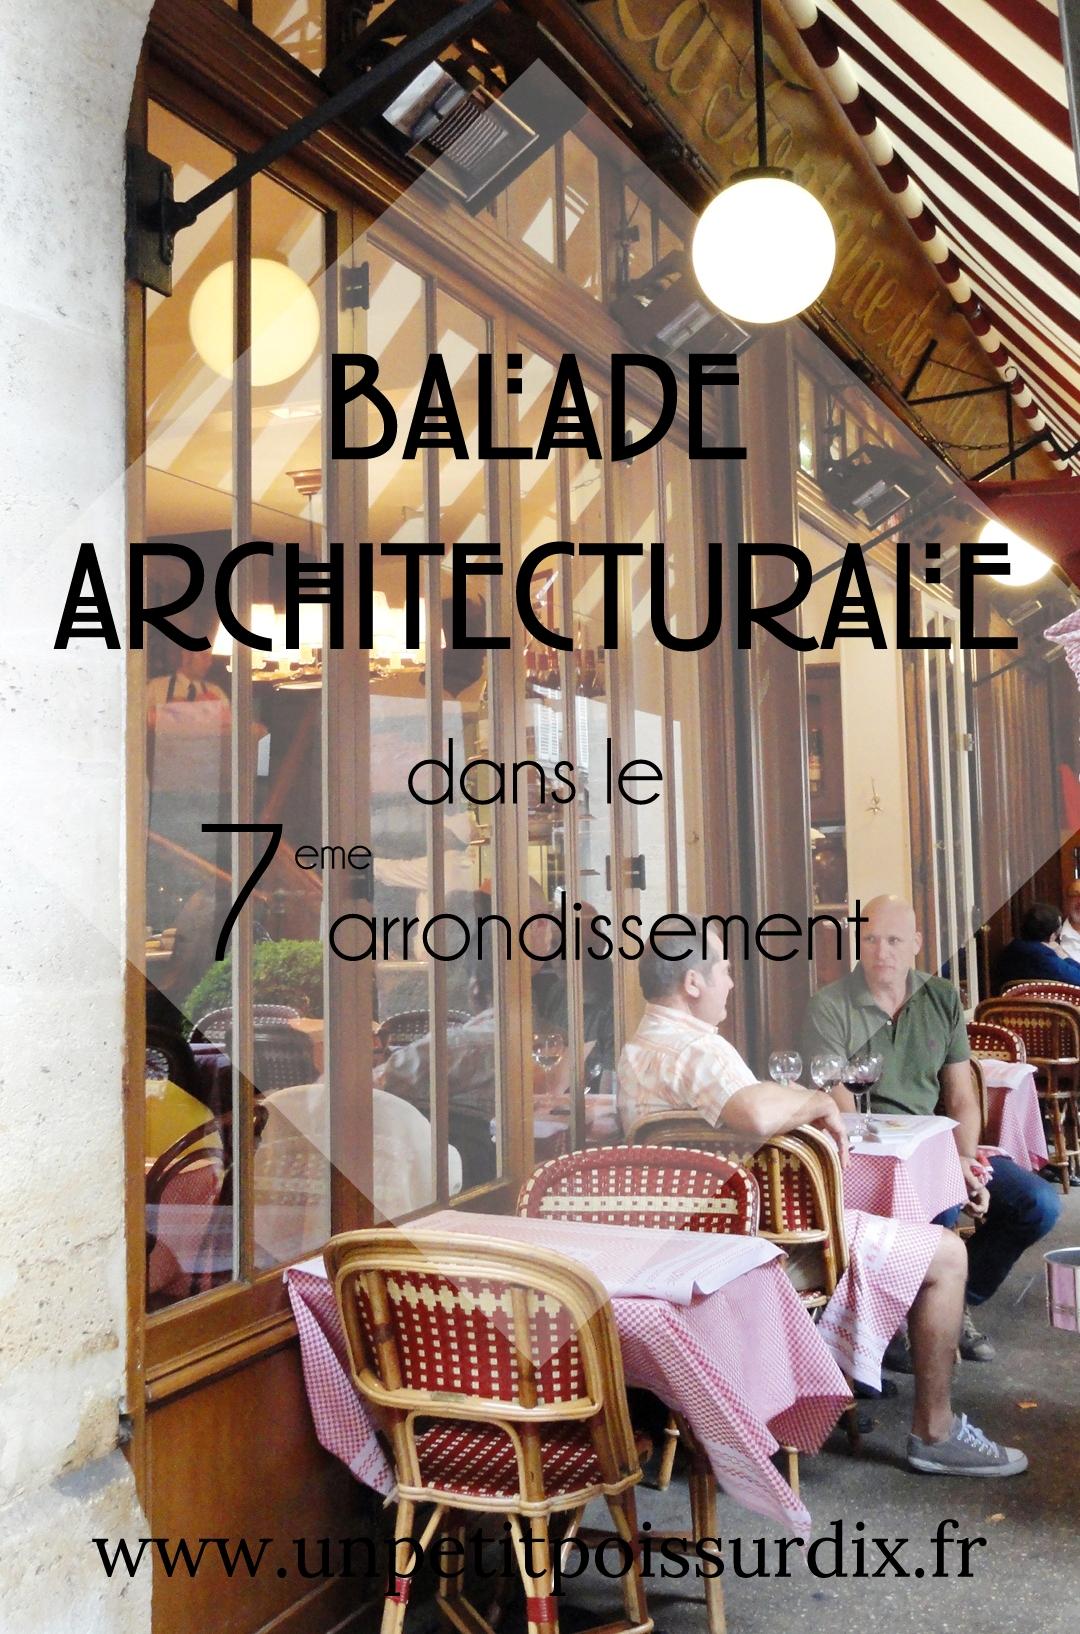 Balade architecturale dans le 7e arrondissement de Paris